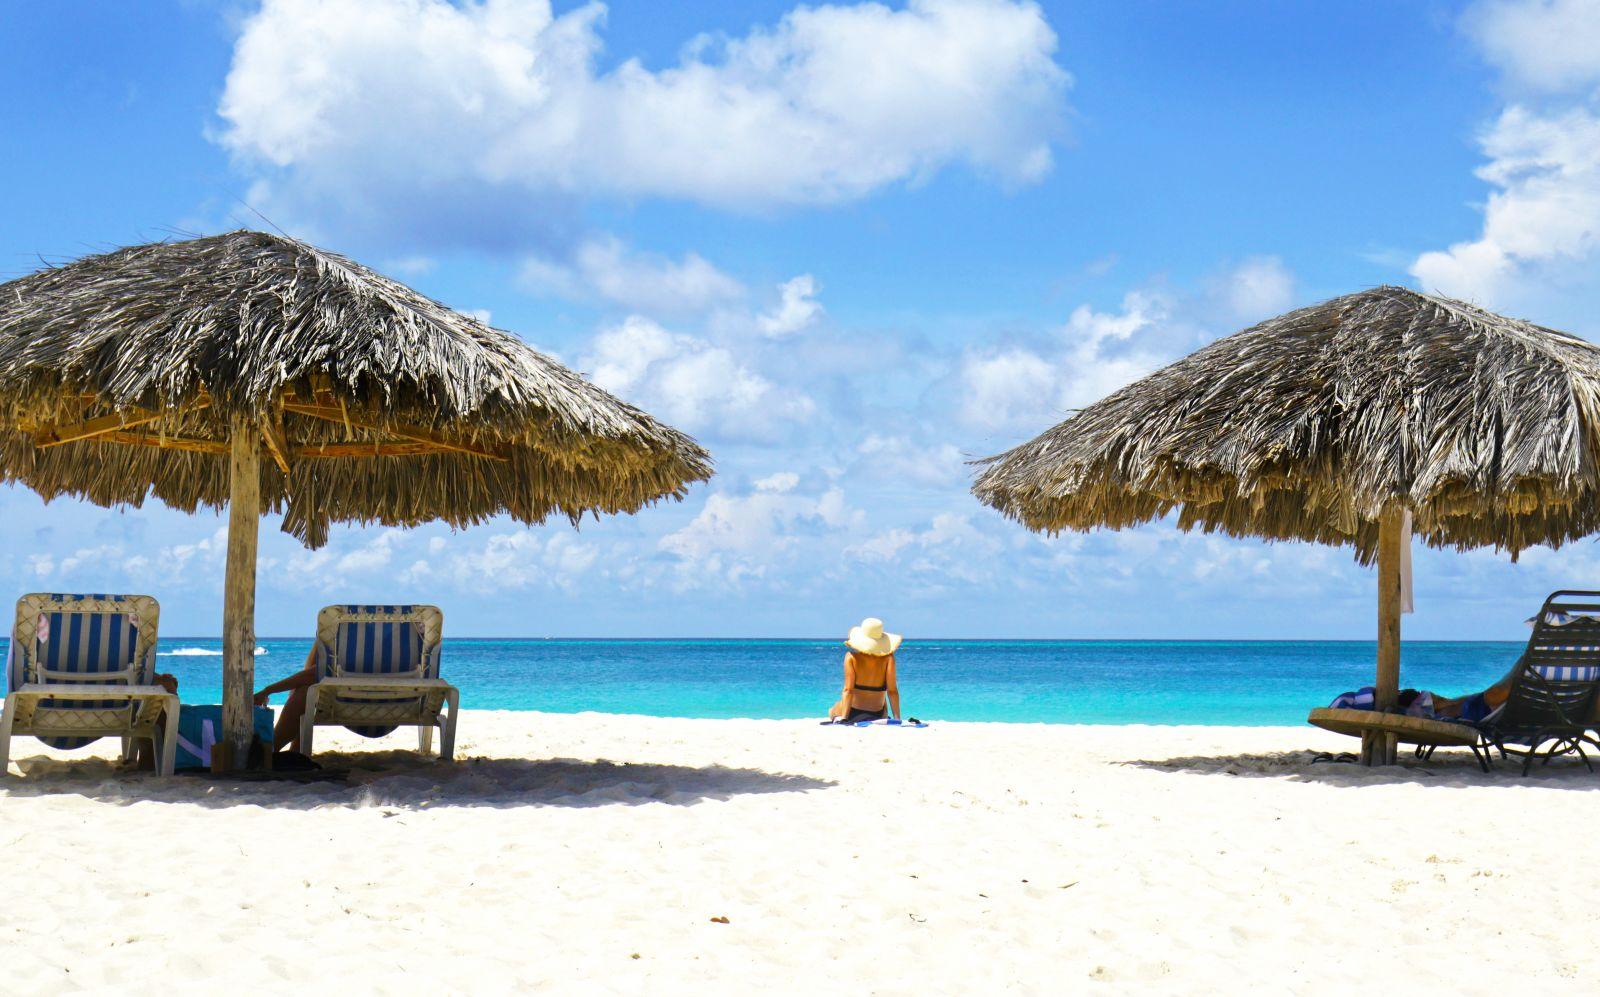 Weißer Strand und tiefblaues Meer in Aruba, Schirme und Strandliegen